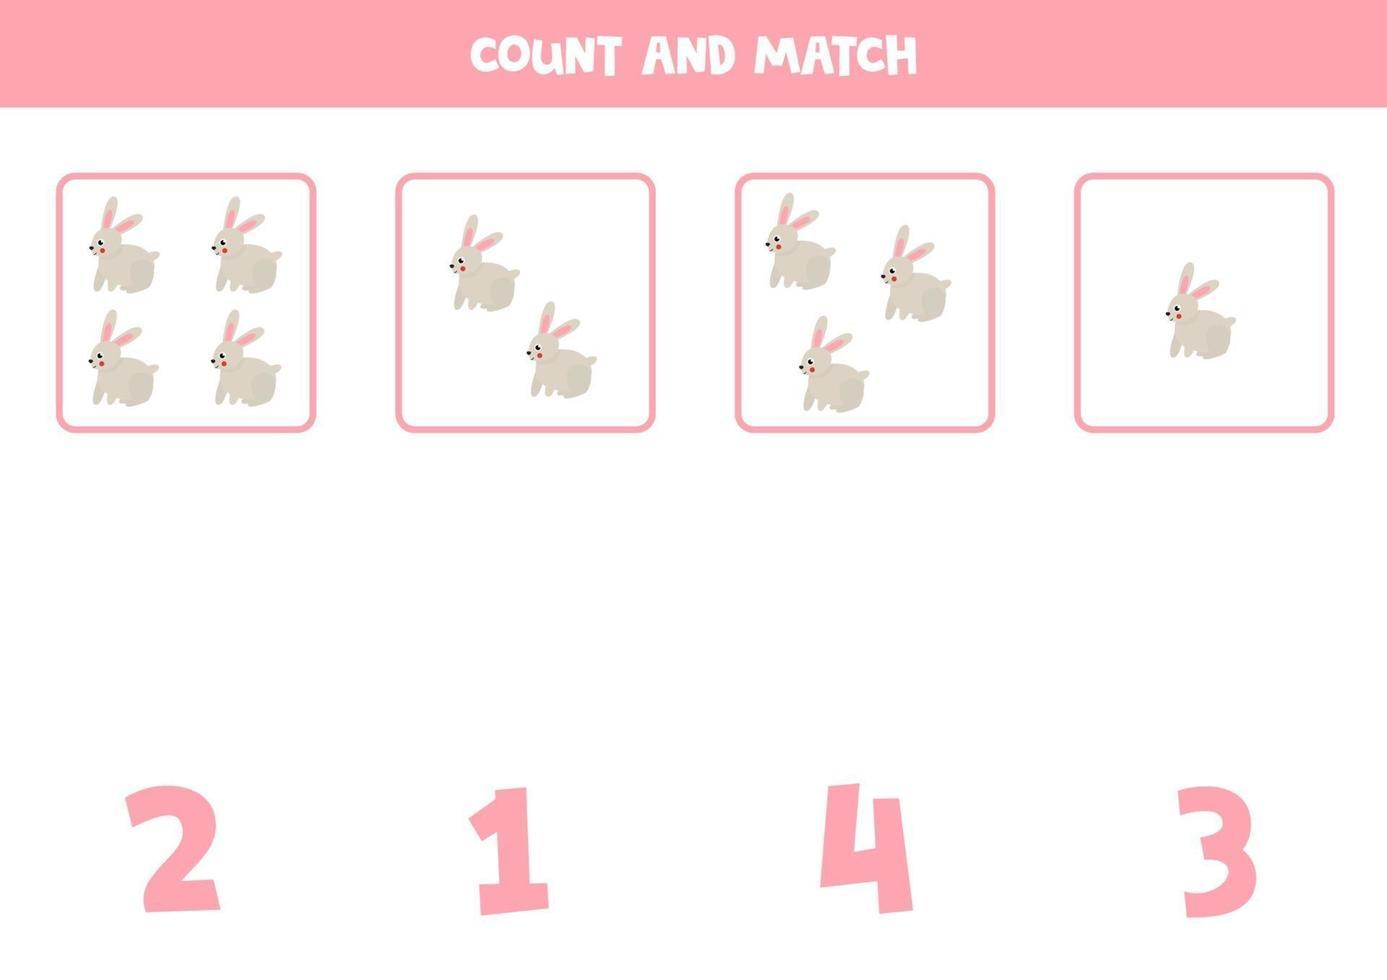 räkna spel med tecknade kaniner. matematik kalkylblad. vektor